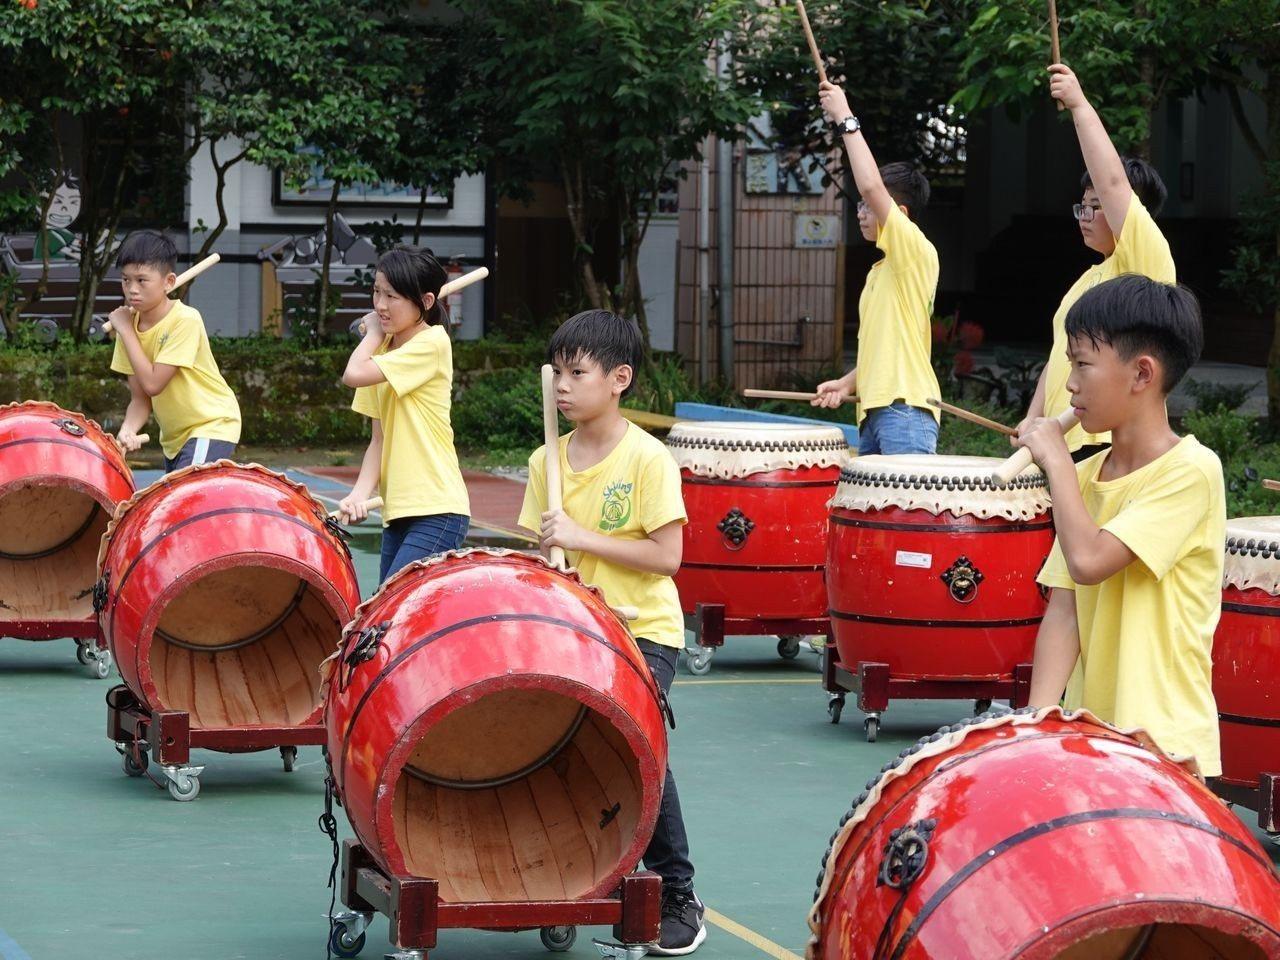 石碇國小戰鼓隊孩子在大太陽下揮汗認真練習戰鼓。記者 許玉娟/攝影